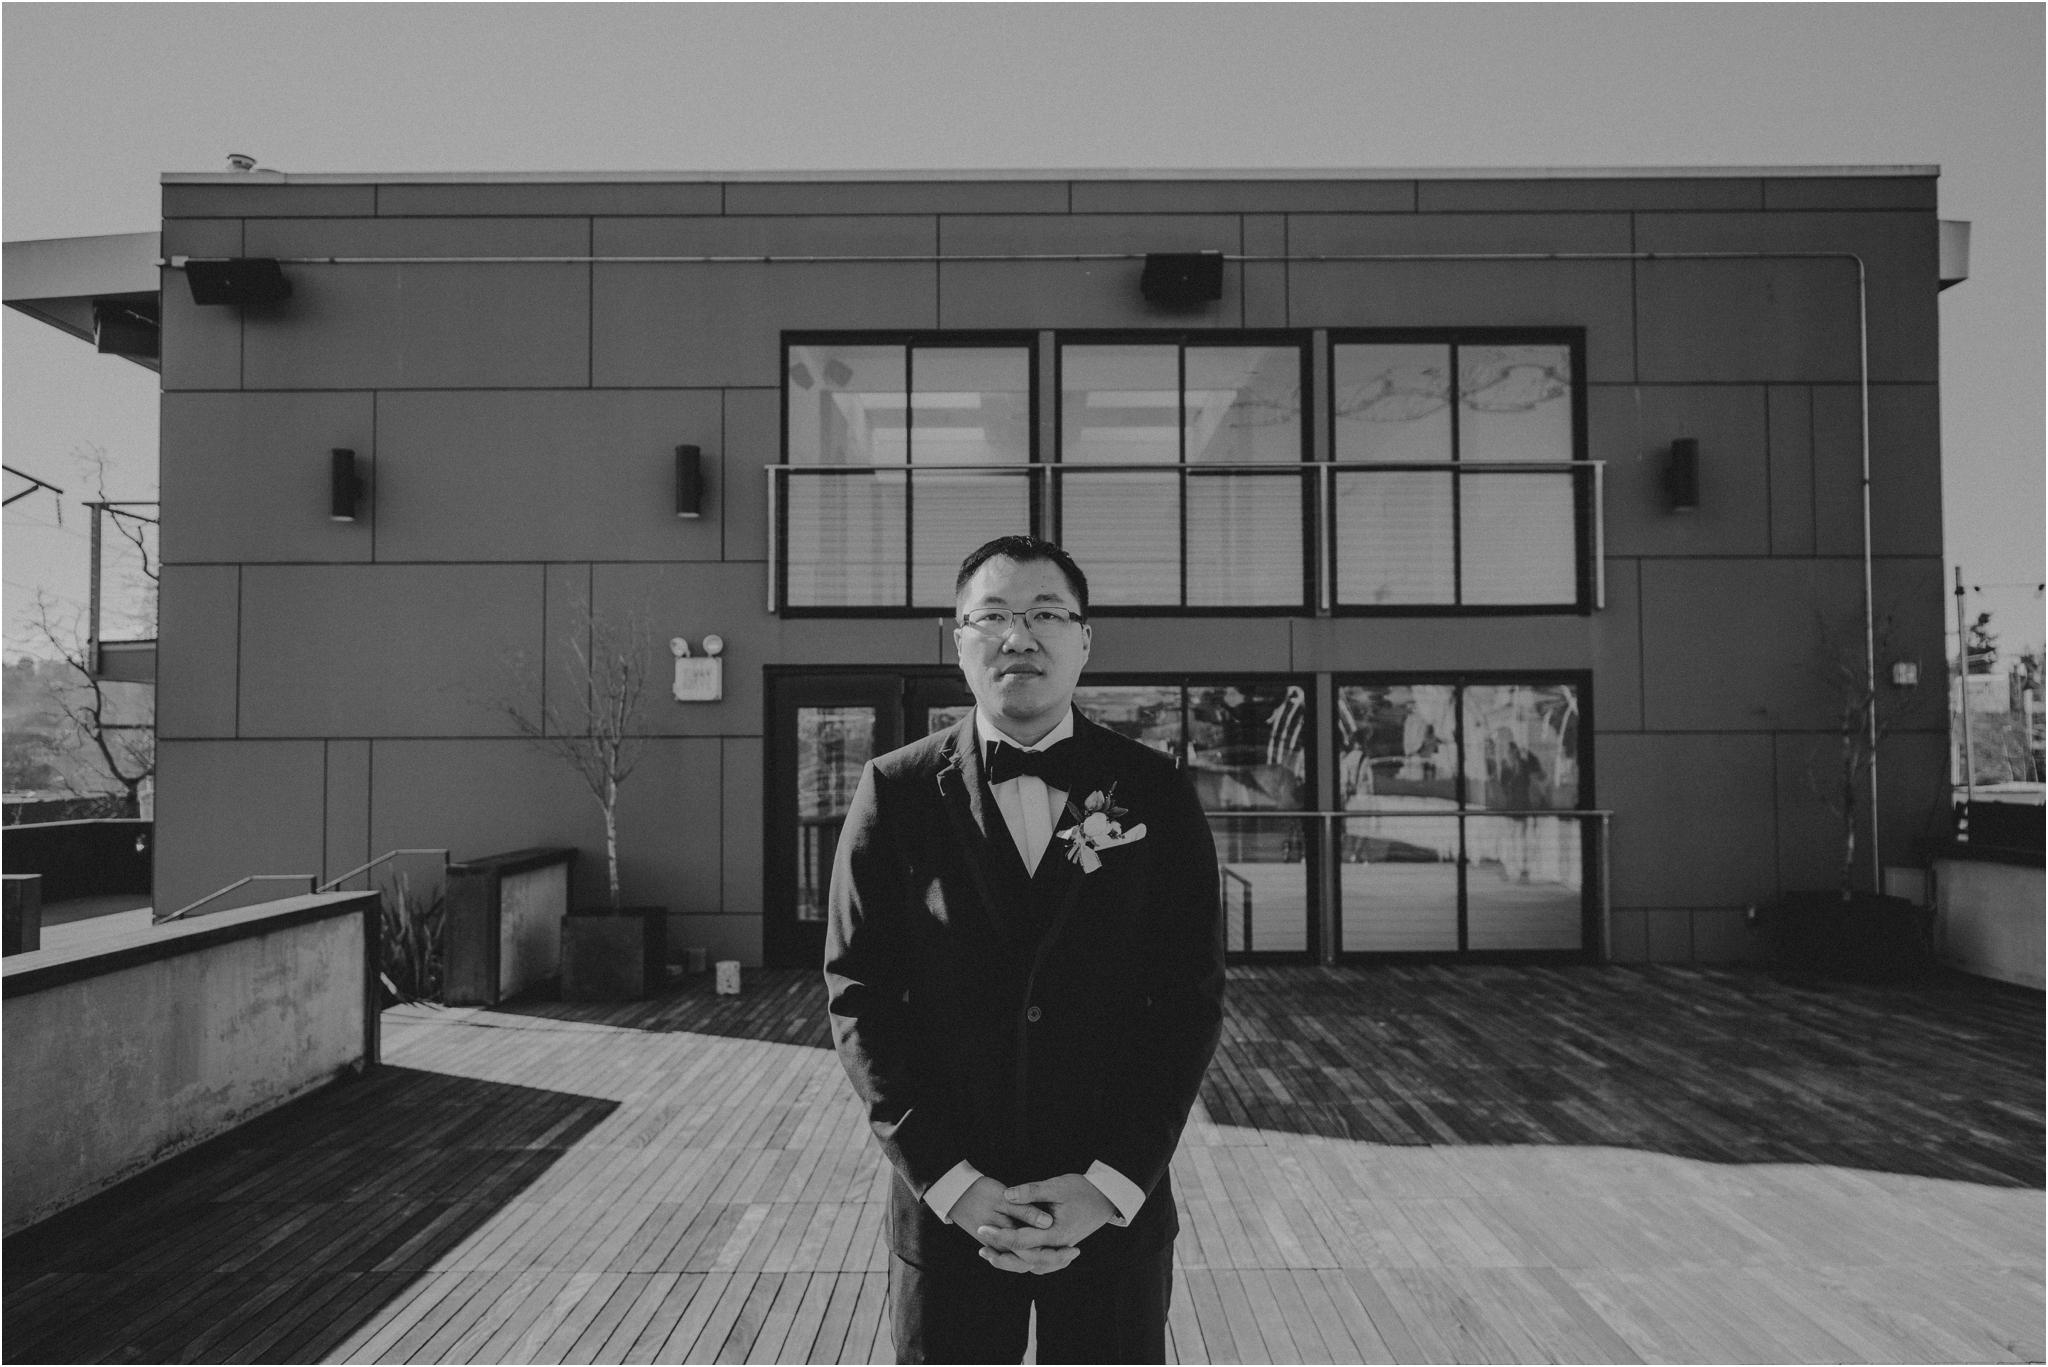 ashley-and-david-fremont-foundry-seattle-washington-wedding-photographer-024.jpg